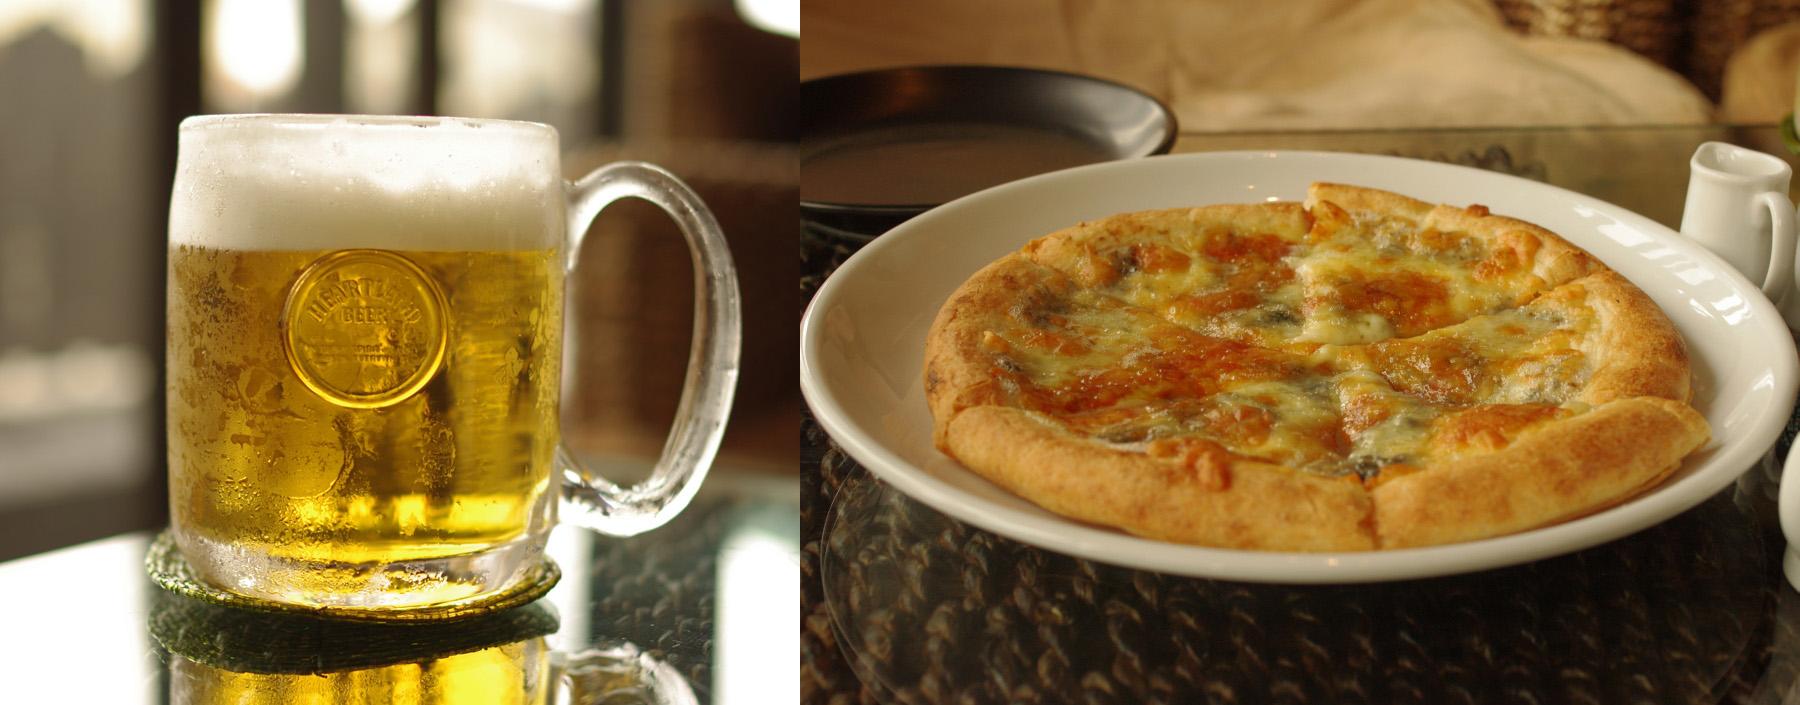 Beer_Pizza